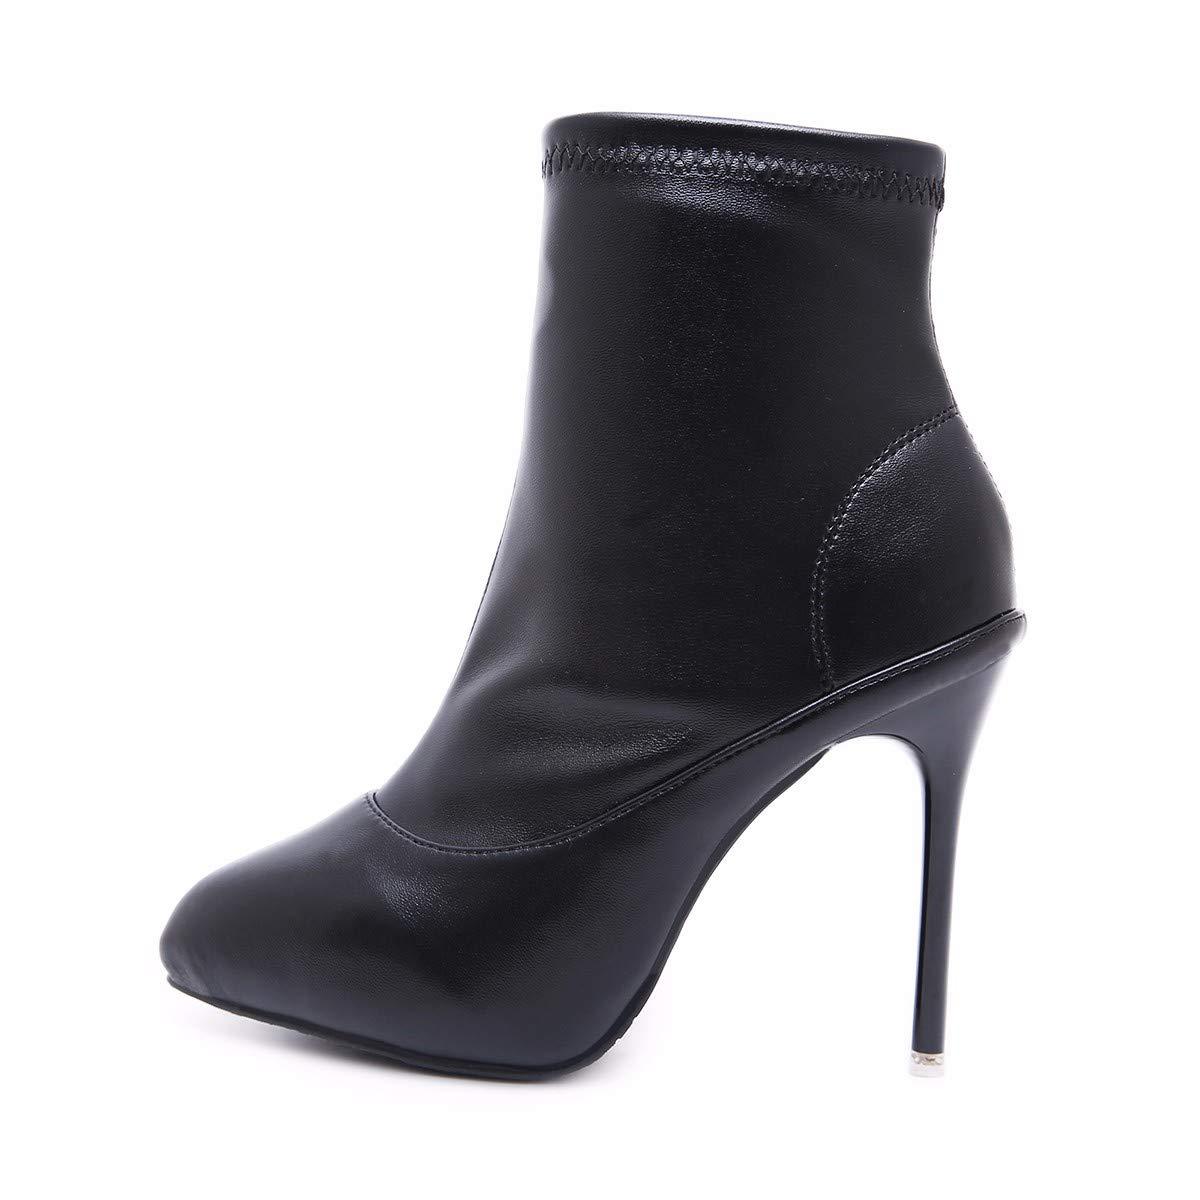 LBTSQ-Mode Damenschuhe Gut Bei Fuß Martin Stiefel Mit Stiefeln Lässig Spitze High Heels Kurze Stiefel.